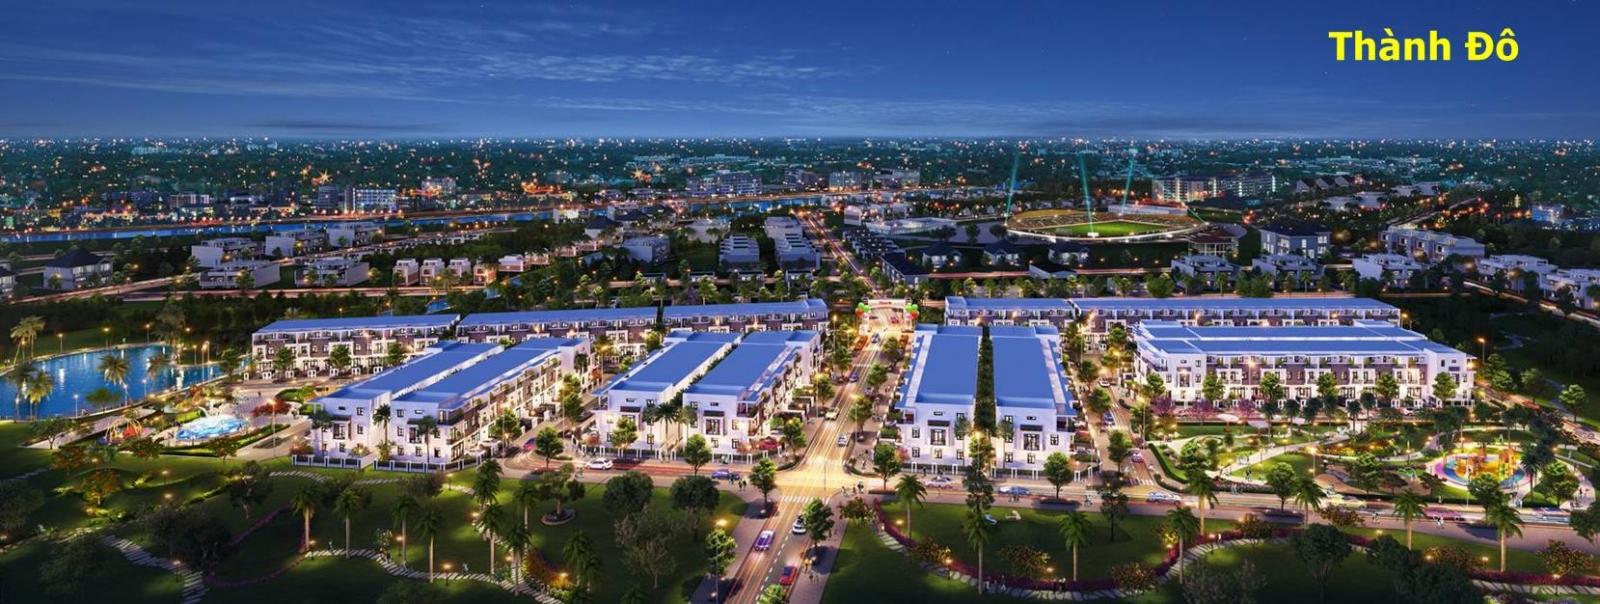 dự án nhà phố thành đô